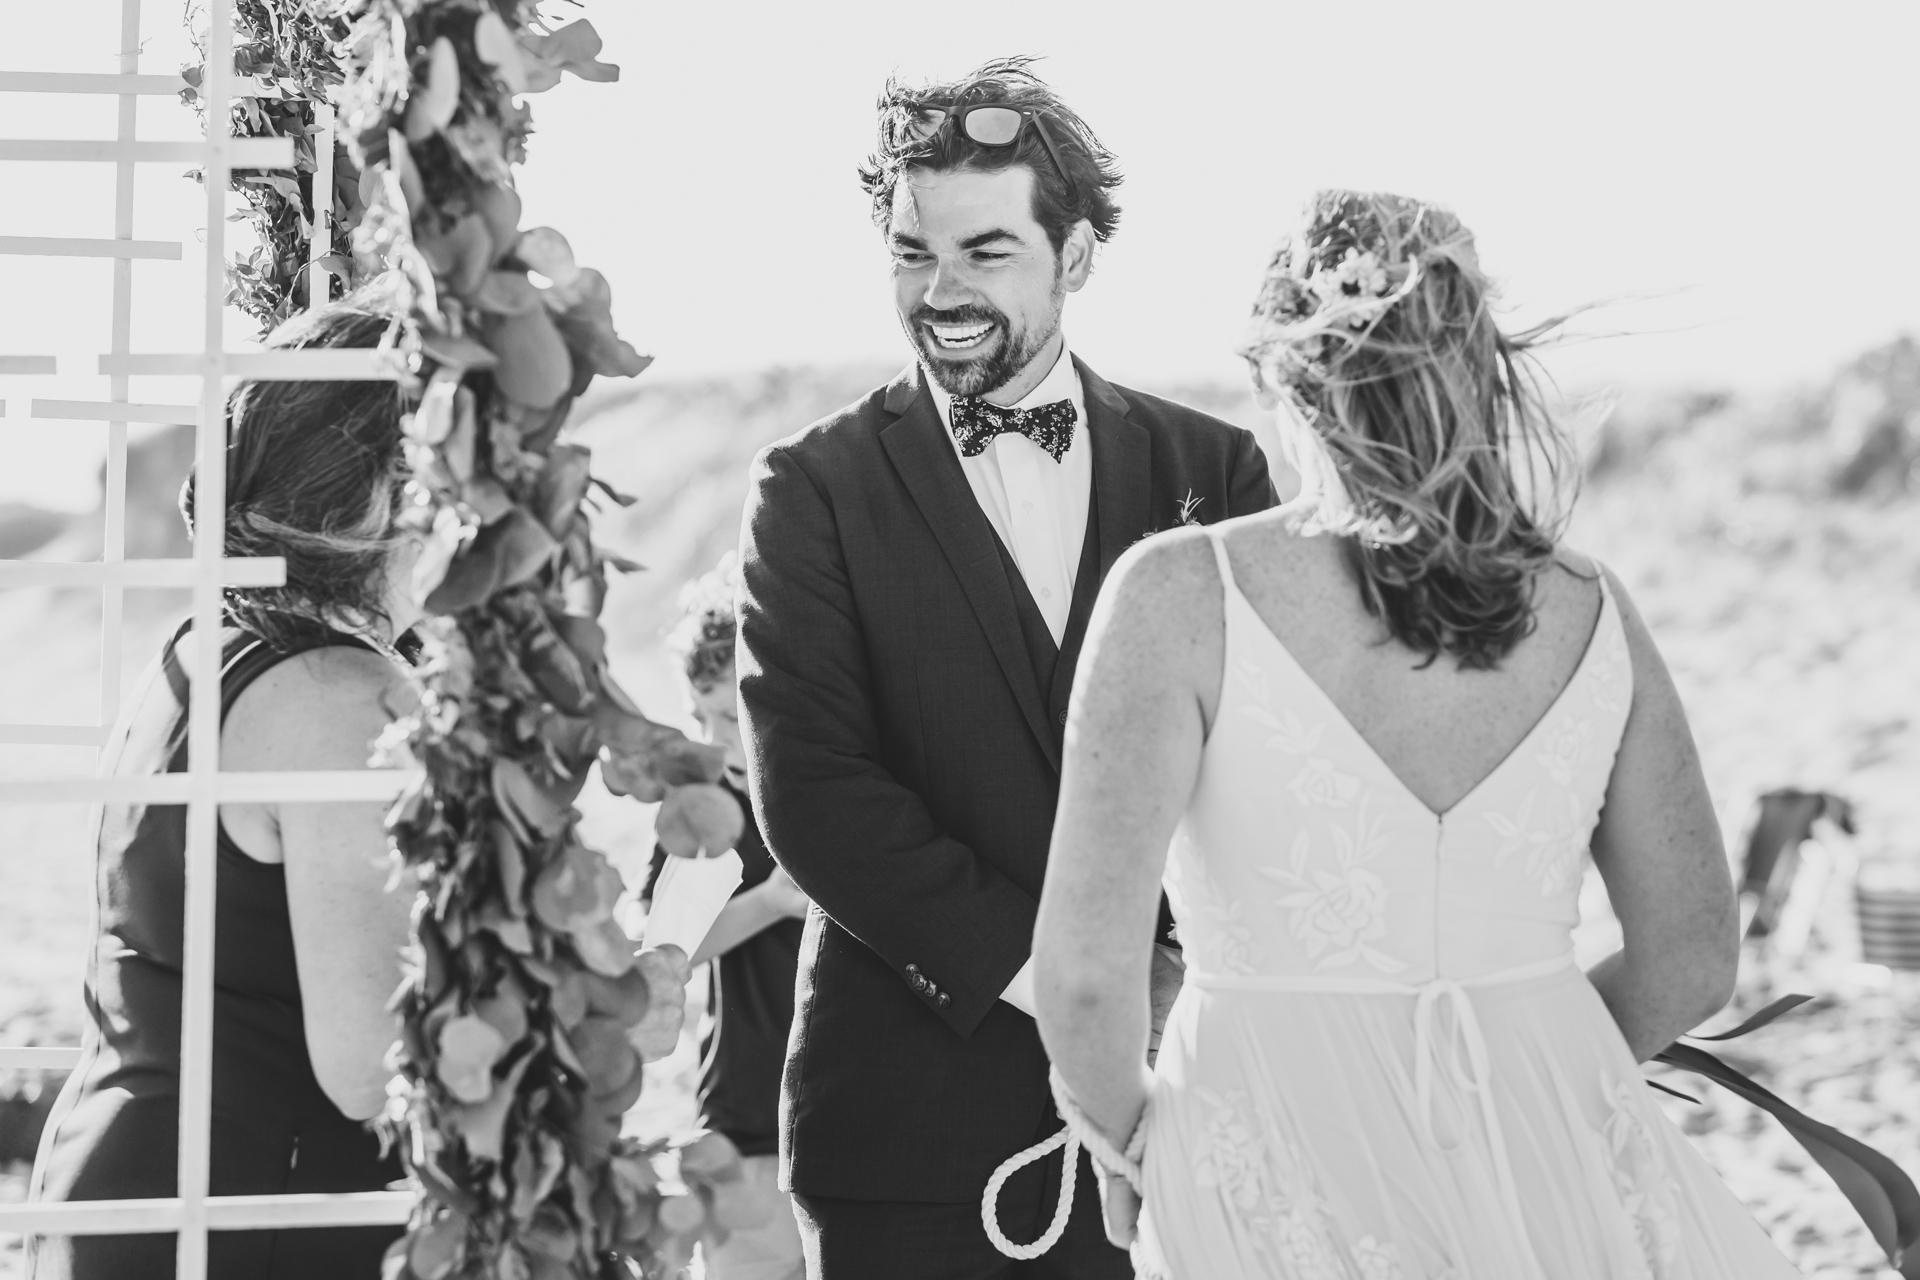 Nantucket Island Elopement Ceremony Photo | mariée et le marié lors de la cérémonie au bord de la mer